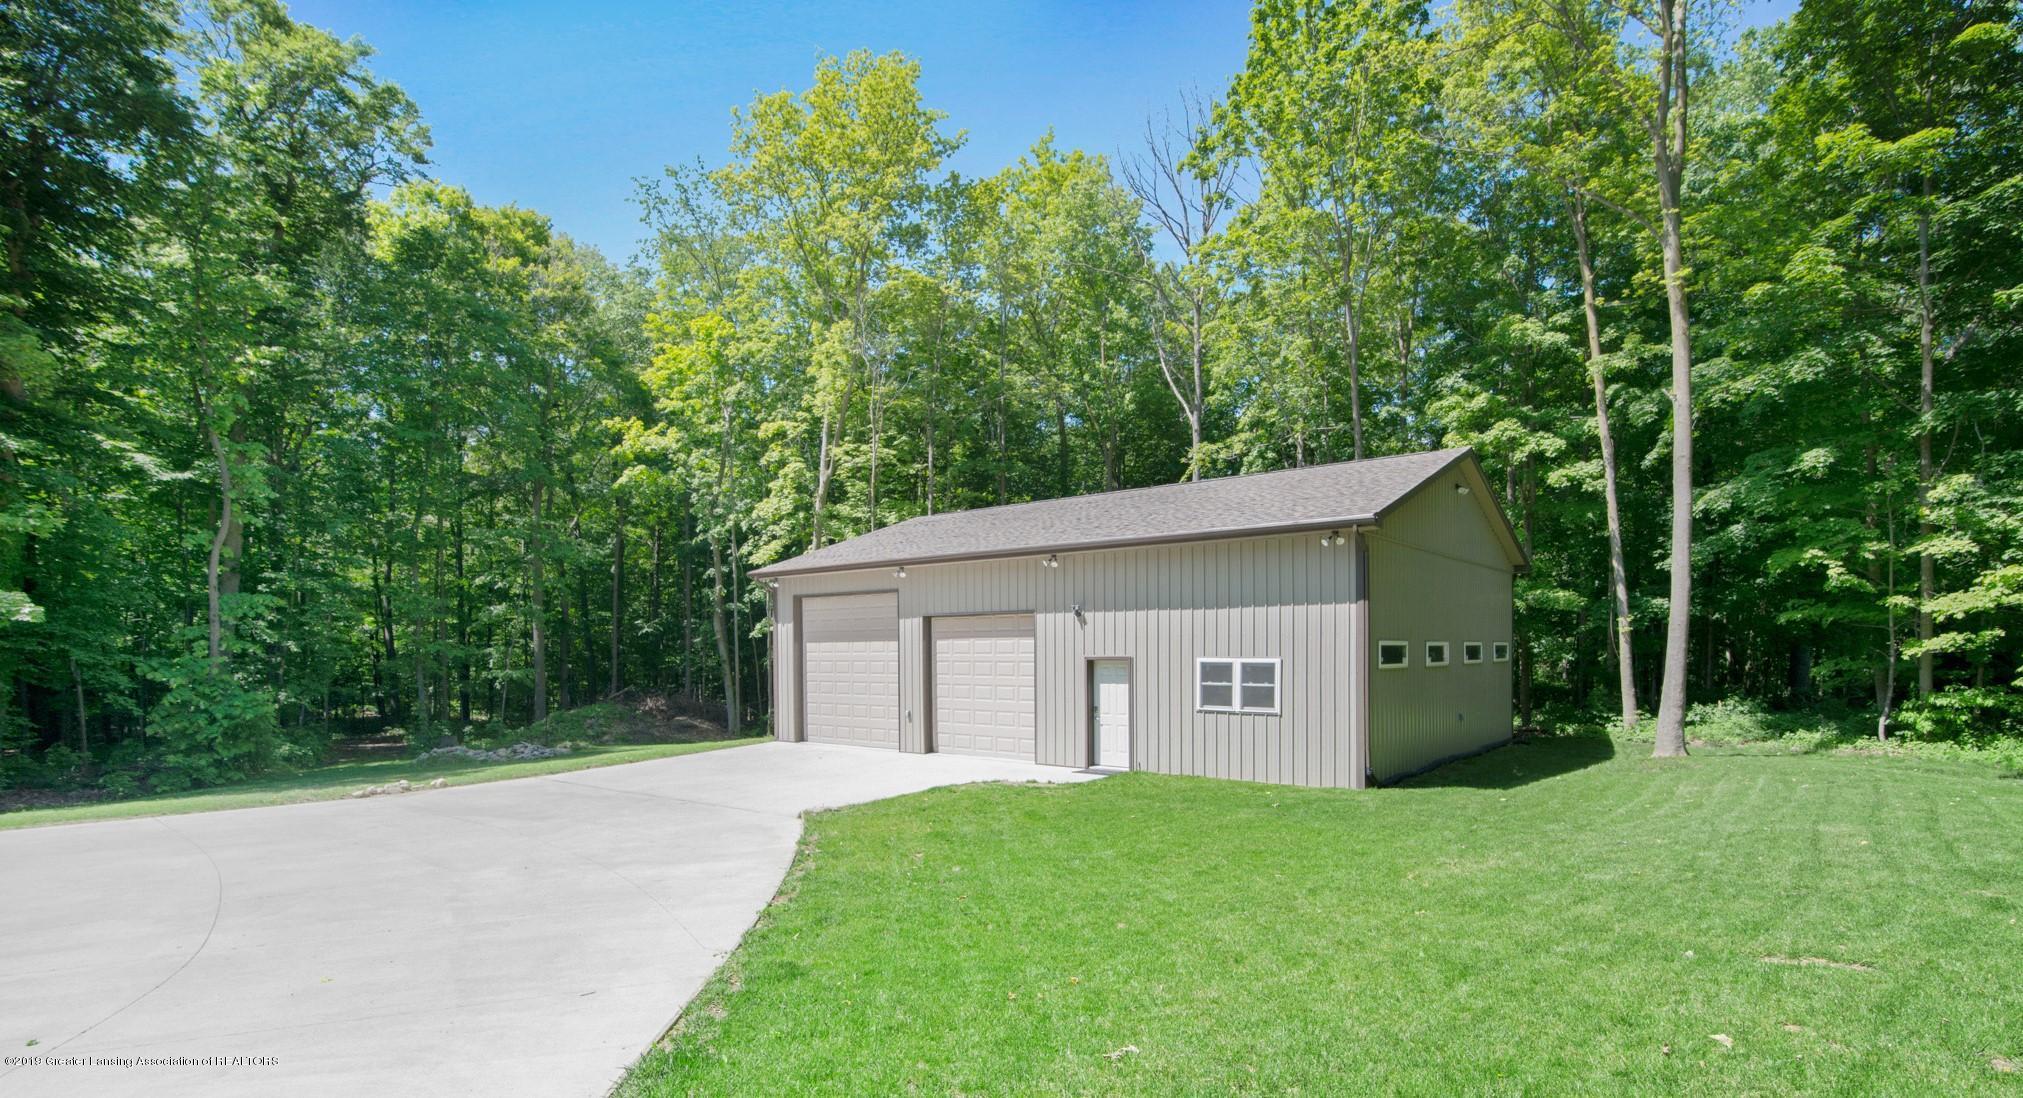 7520 Carmel Ln - 36 x 48 Pole Barn - 4